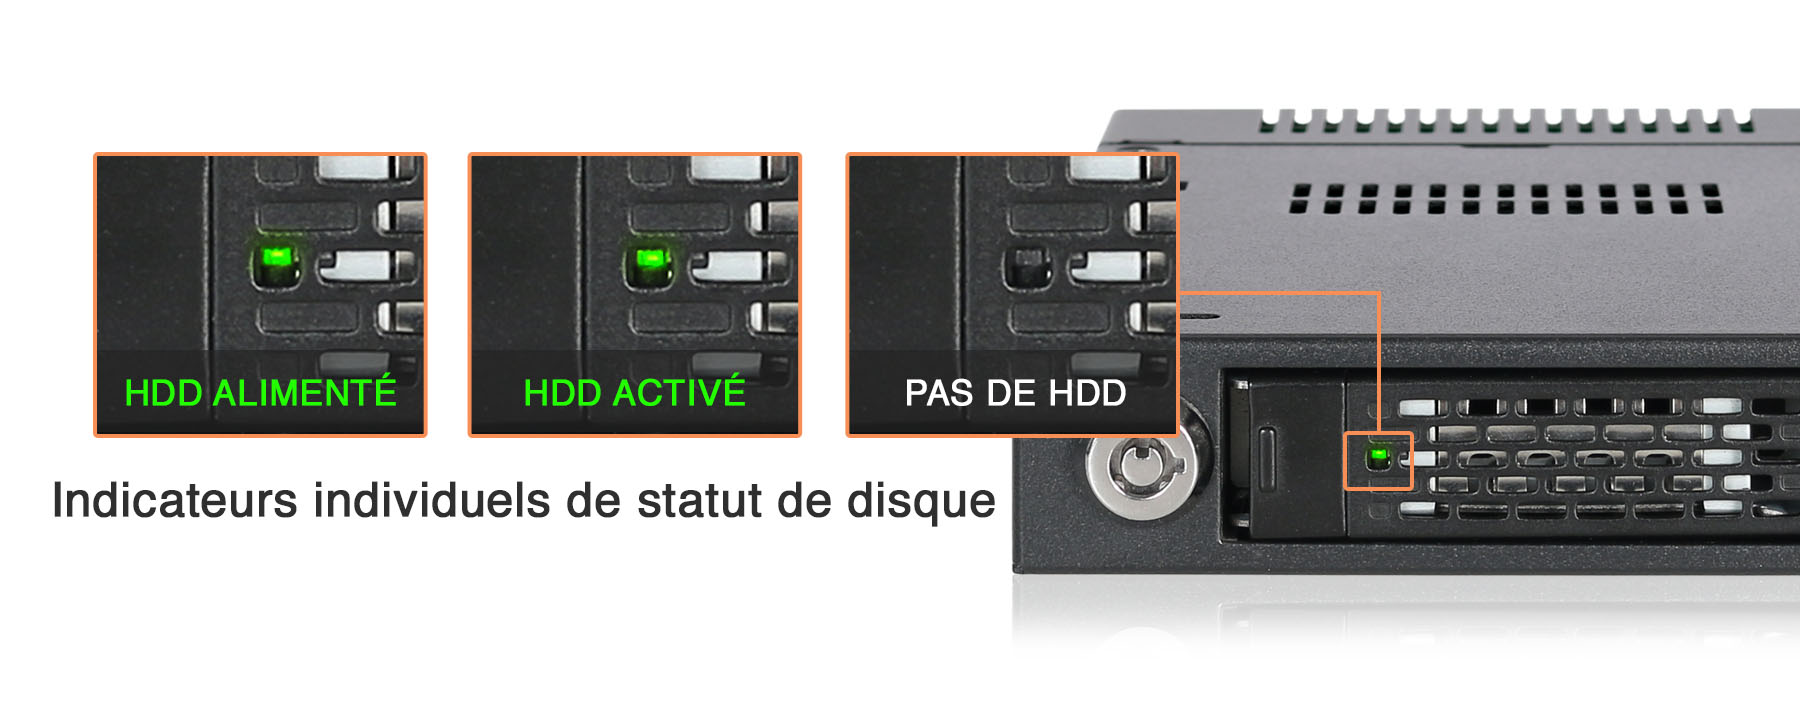 Démonstration des différents statuts LED en fonction de l'activité de disque dans le MB601VK-1B